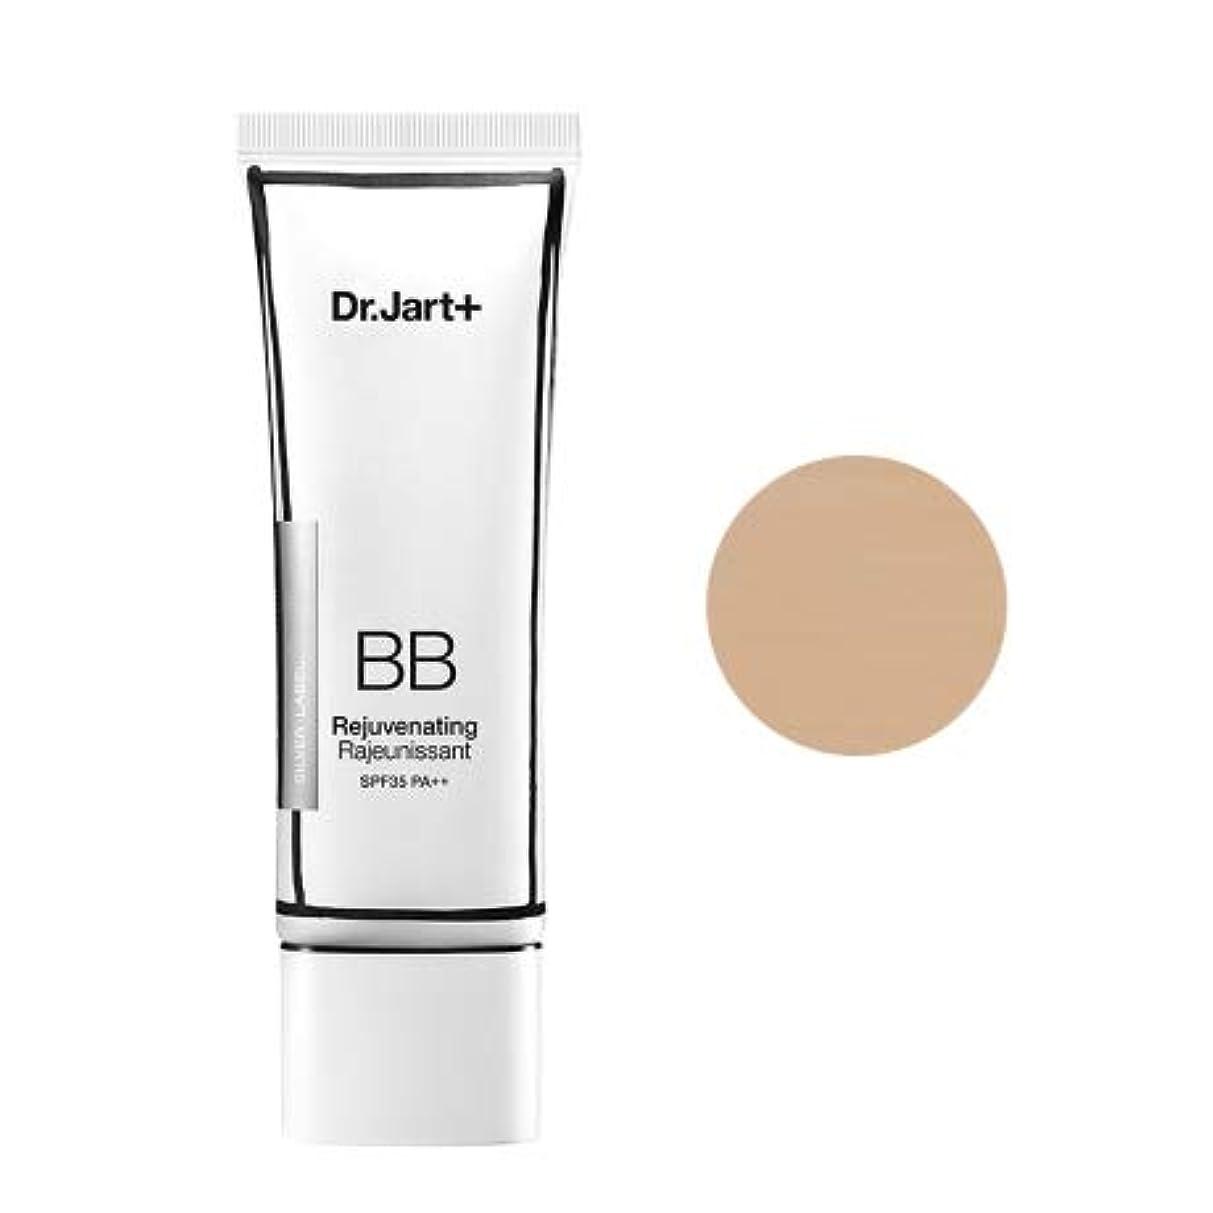 疑問に思う苦しむ不快[Upgrade] Dr.Jart+Dermakeup Rejuvenating Beauty Balm SPF35 PA++ 50ml /ドクタージャルトゥザメーキャップリージュビネイティンビューティーバーム SPF35...